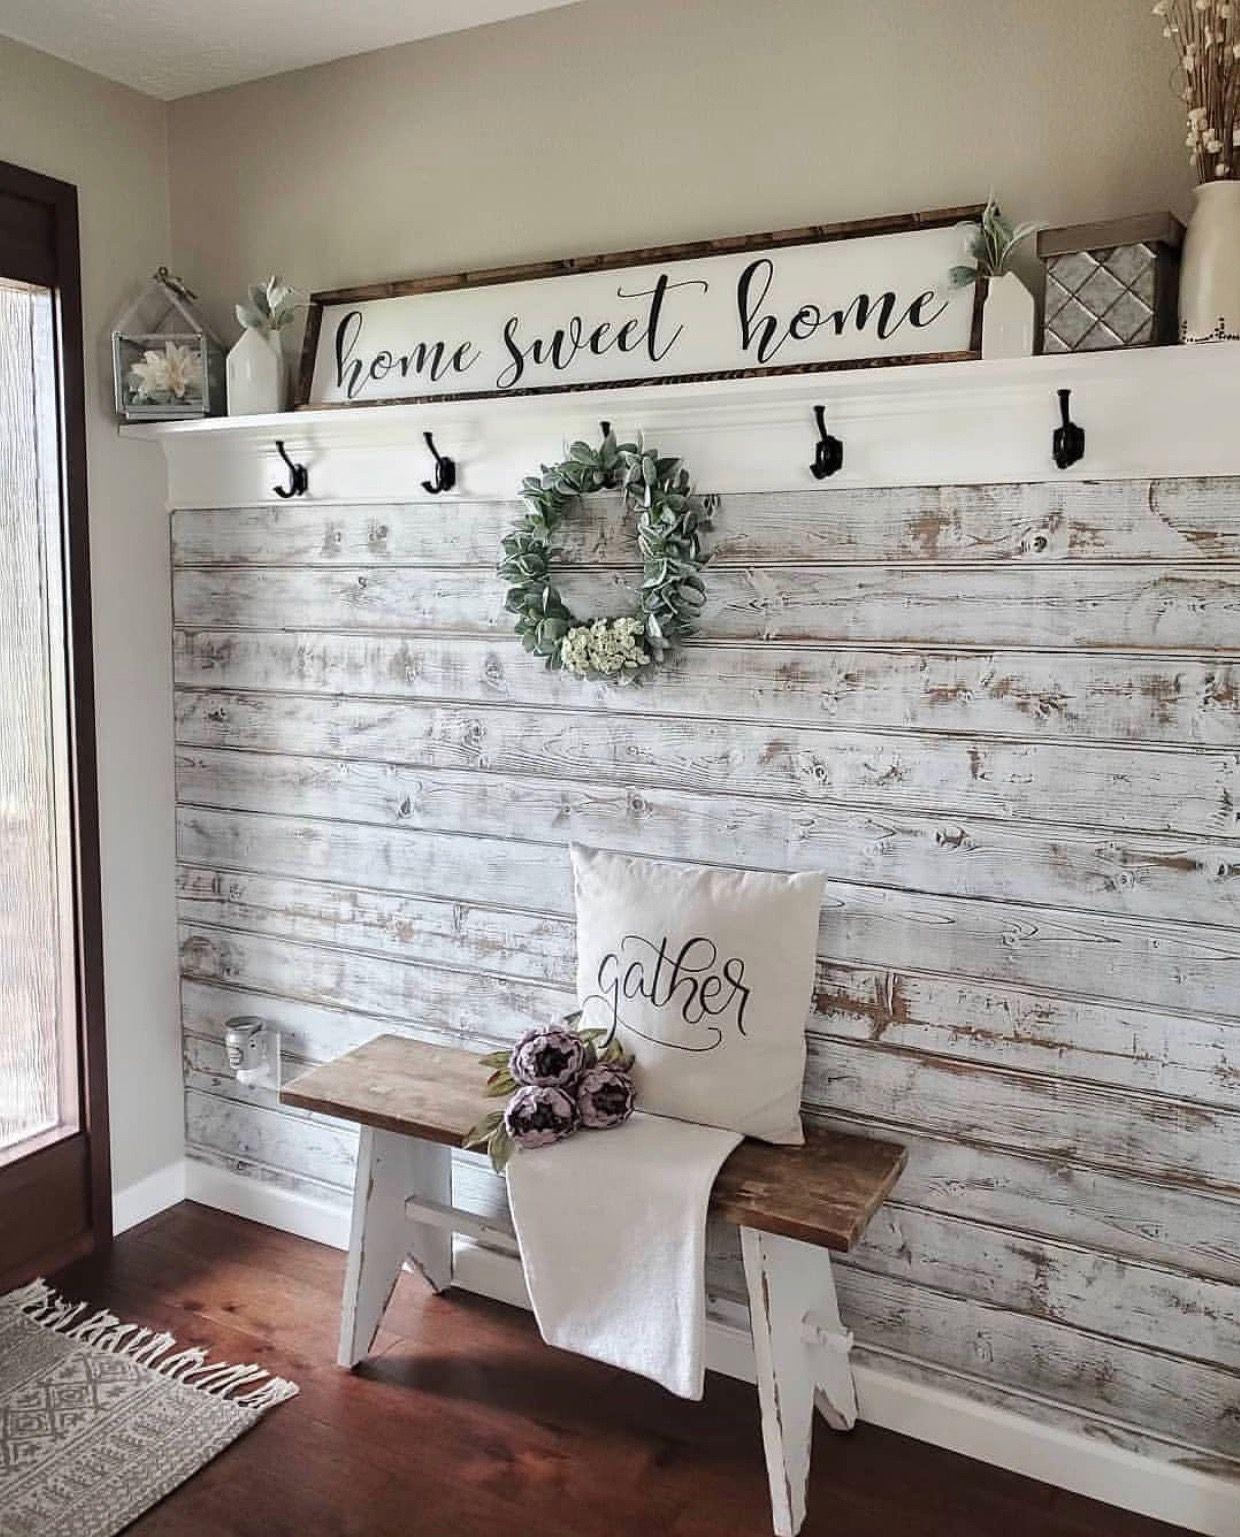 Colorado Springs Entry Wall Idea Farmhouse Decor Living Room Farmhouse Wall Decor Home Decor